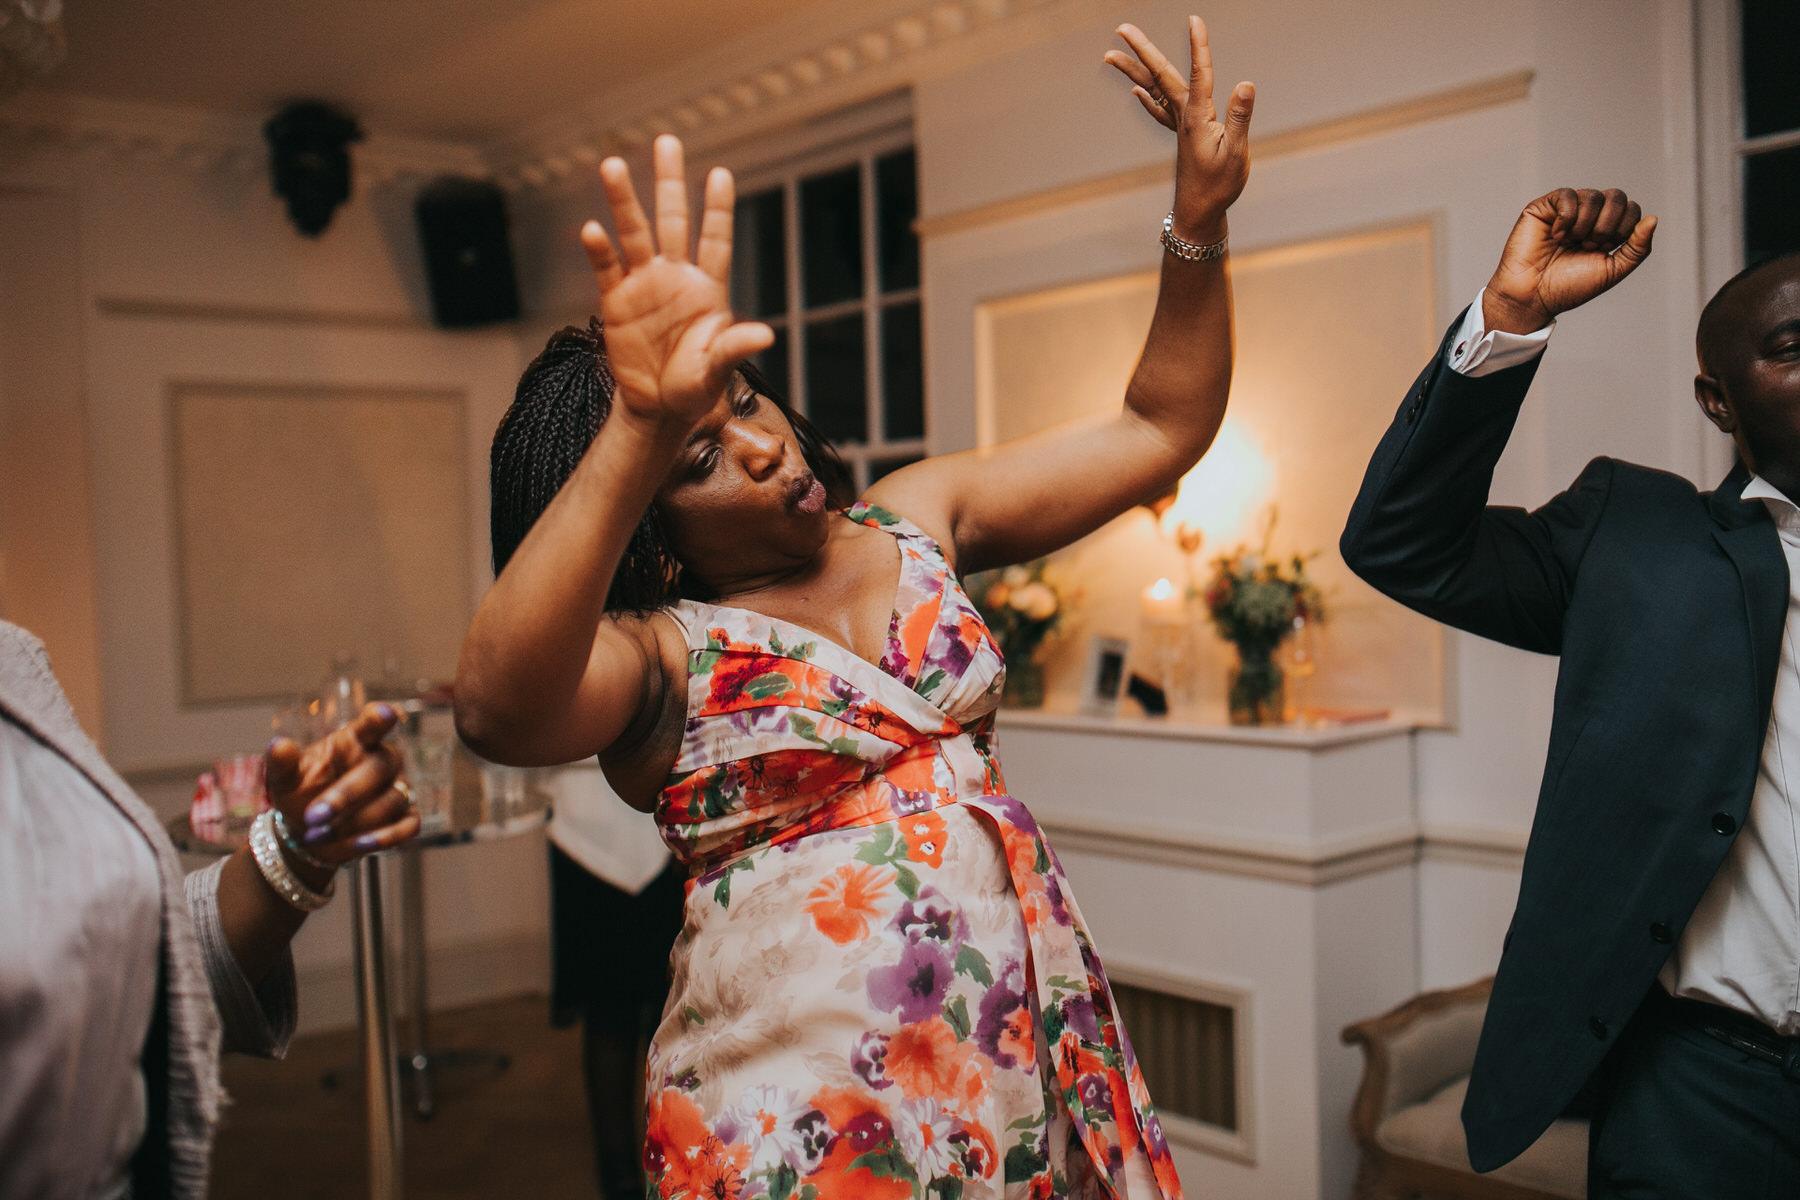 327-Belair House wedding first dance photos.jpg